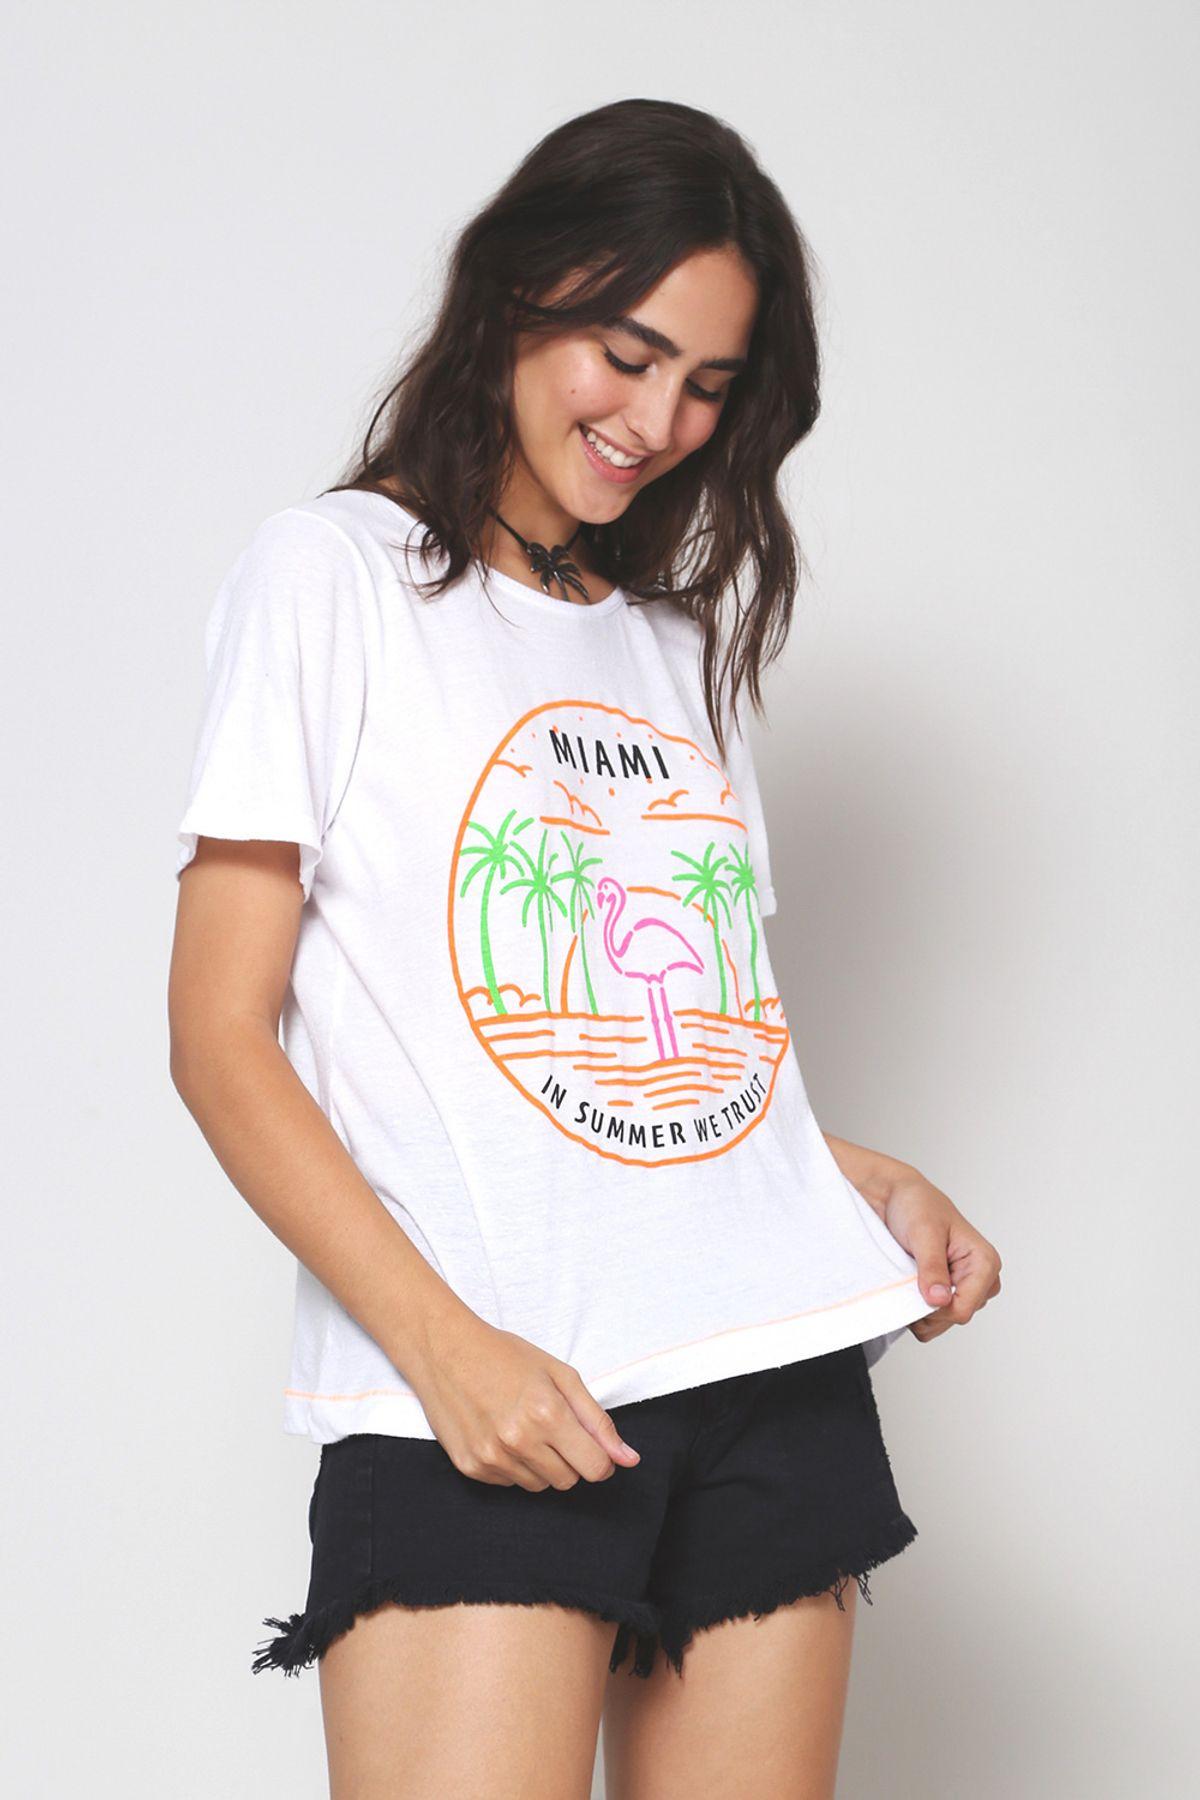 BLUSA-MIAMI-NEON-020224760001-OHBOY-1